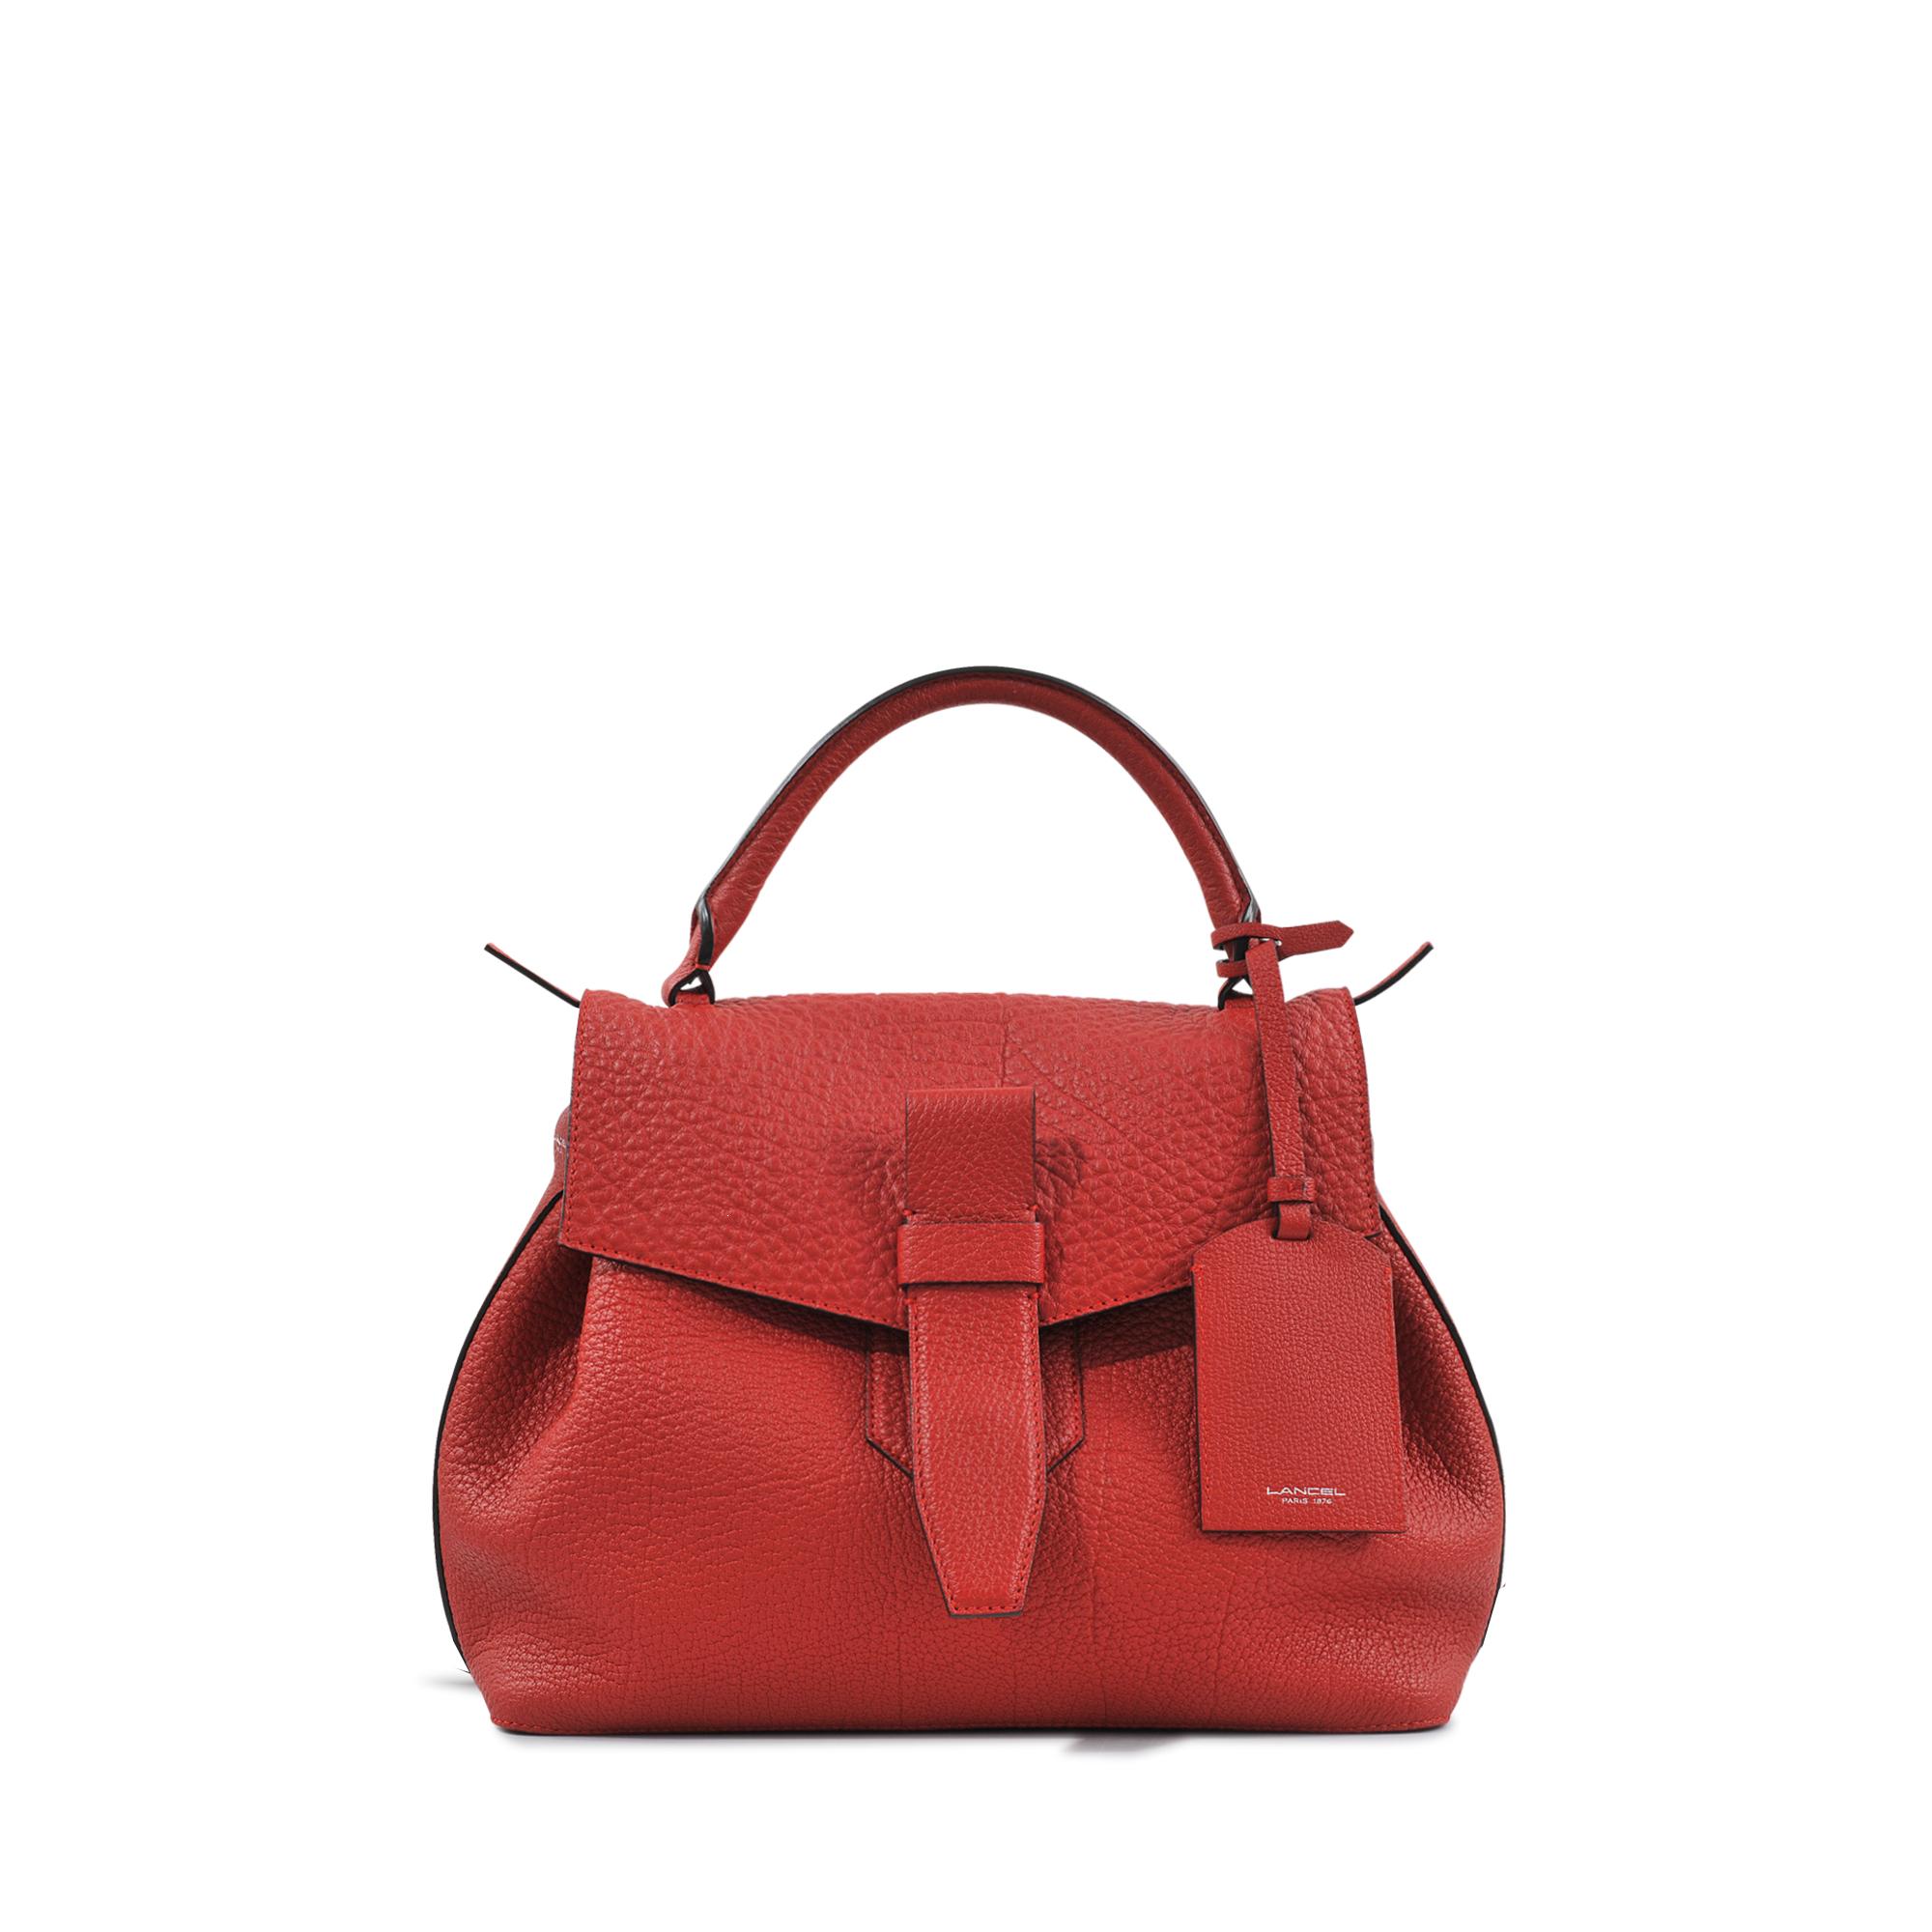 lancel charlie handbag in red lyst. Black Bedroom Furniture Sets. Home Design Ideas